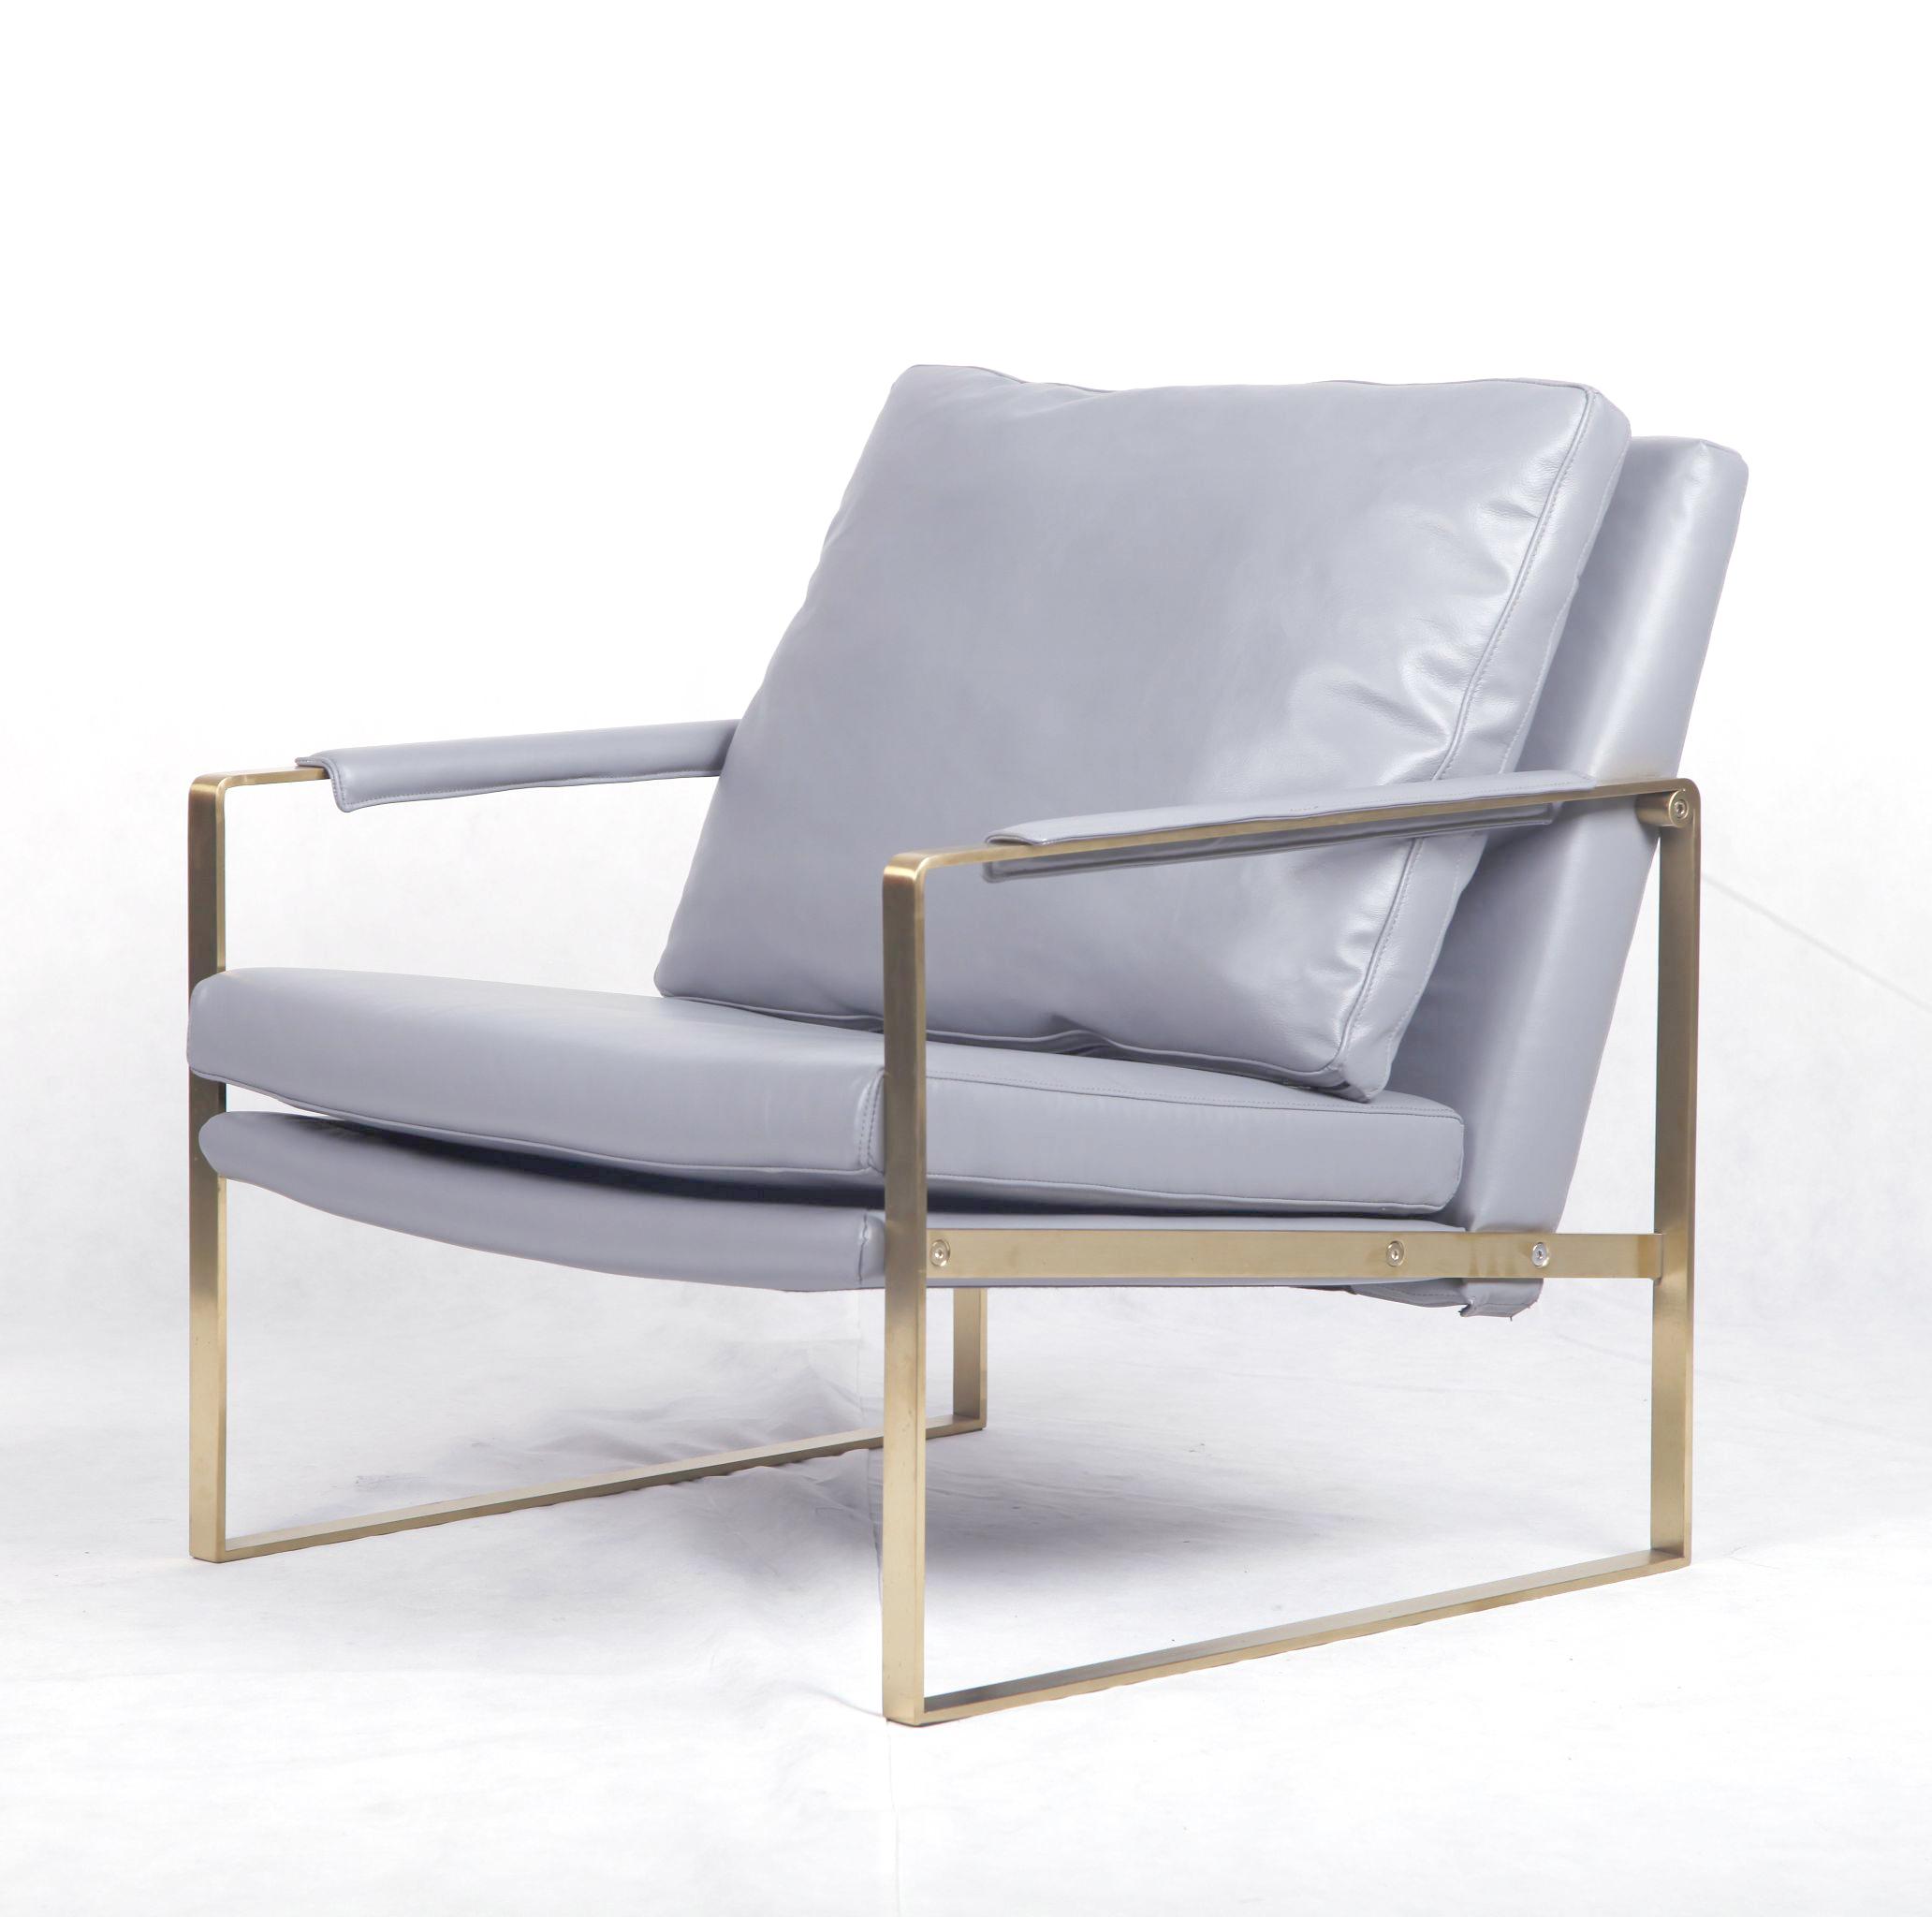 客厅休闲椅经销 客厅休闲椅厂家 客厅休闲椅批发 雅帝现代家具